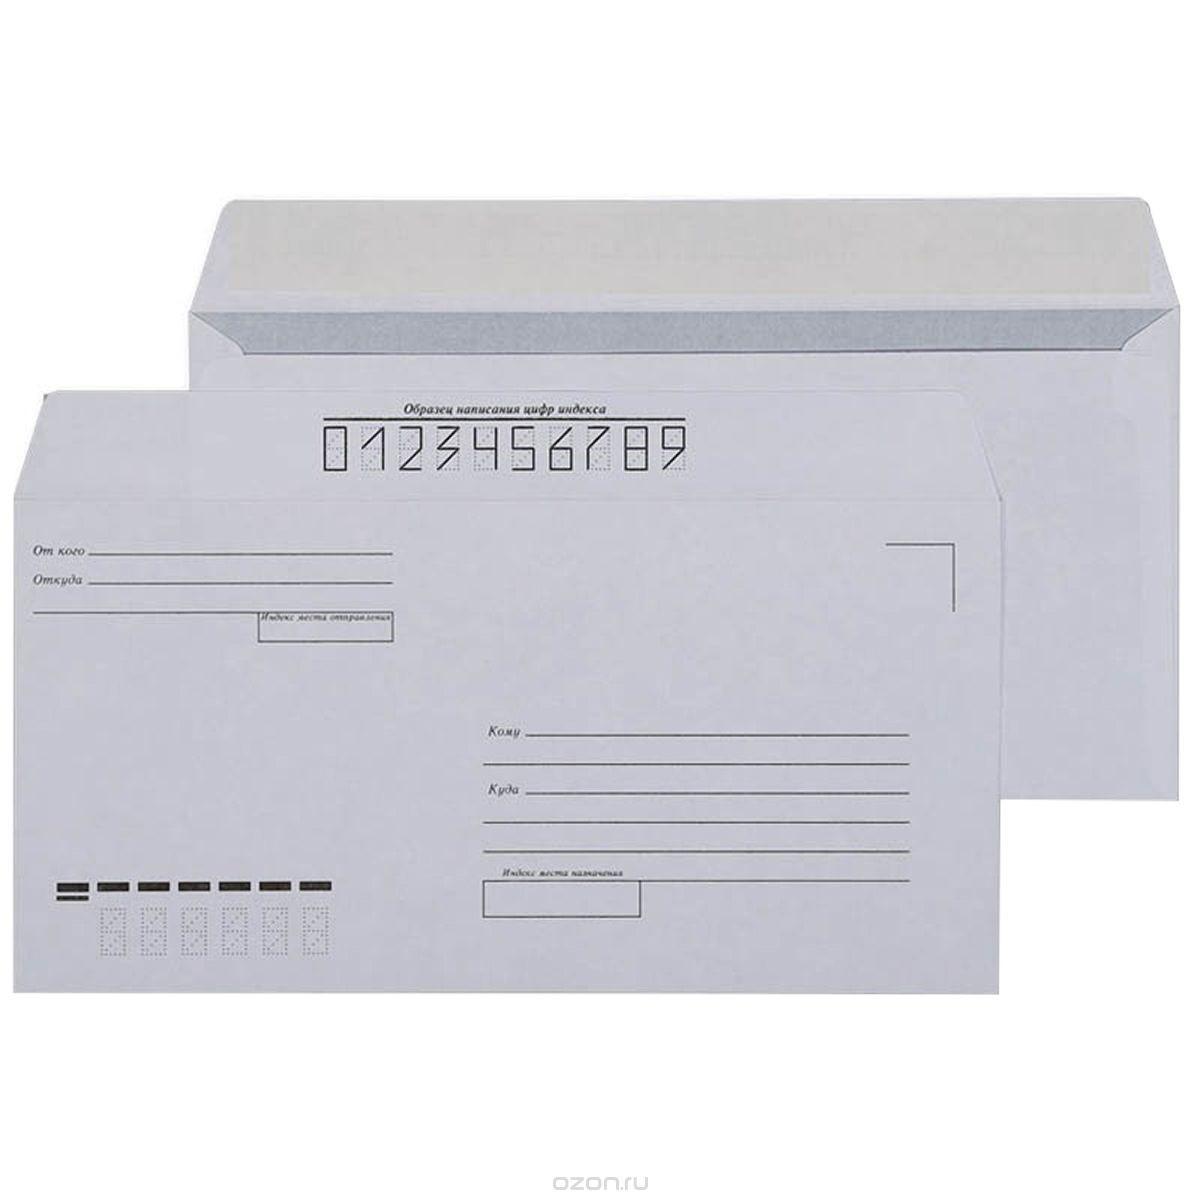 Печать почтовых конвертов в Москве | фото 5